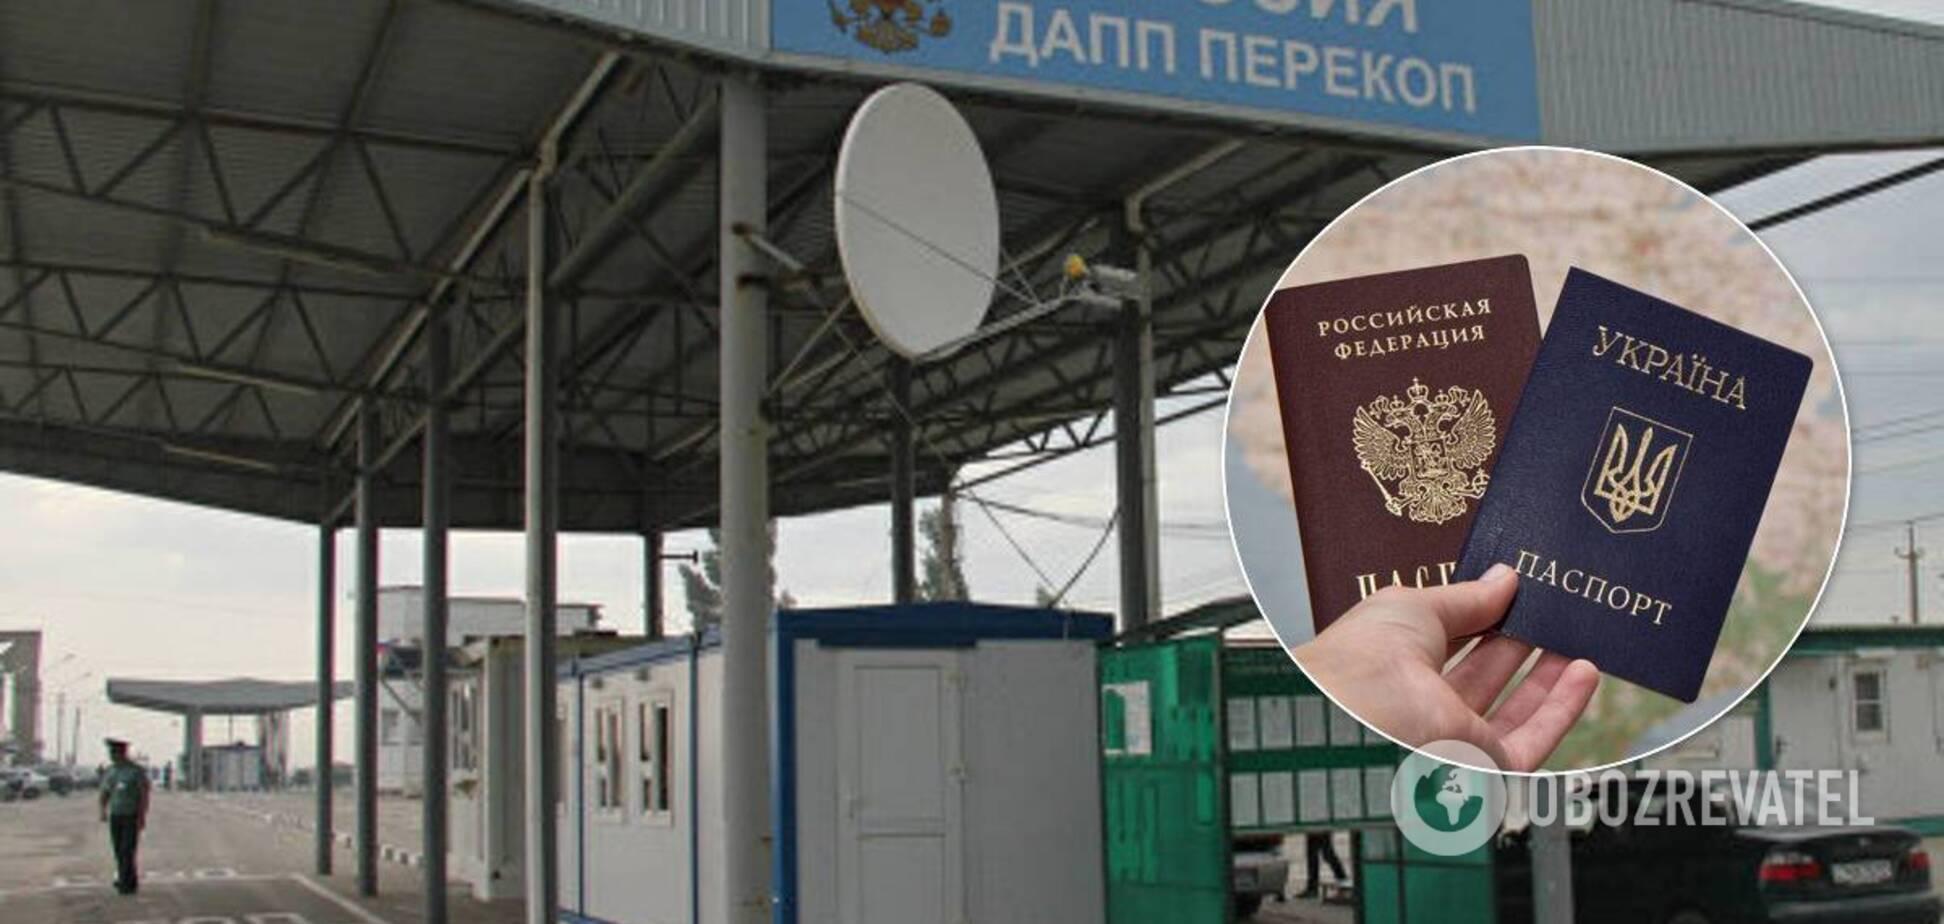 ФСБ почала штрафувати кримчан за перетин адмінкордону за паспортом України. Документ